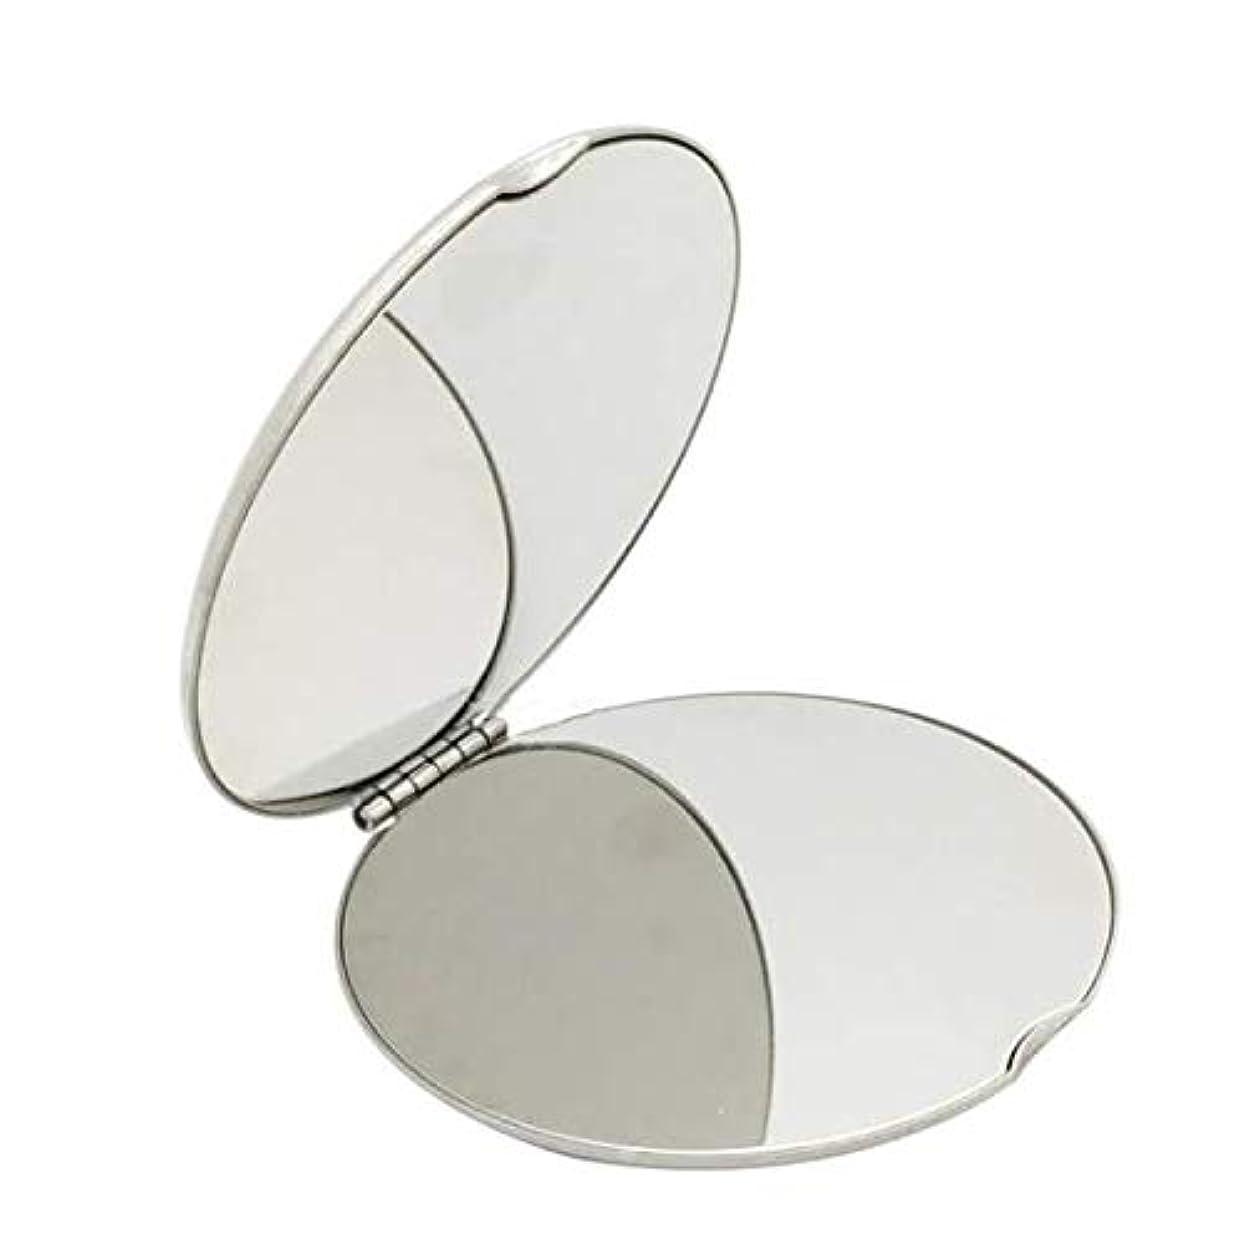 ボーダー非武装化分類飛散防止化粧鏡ステンレス鋼 化粧鏡おすすめ 携帯用ミラー化粧用鏡(ラウンド)